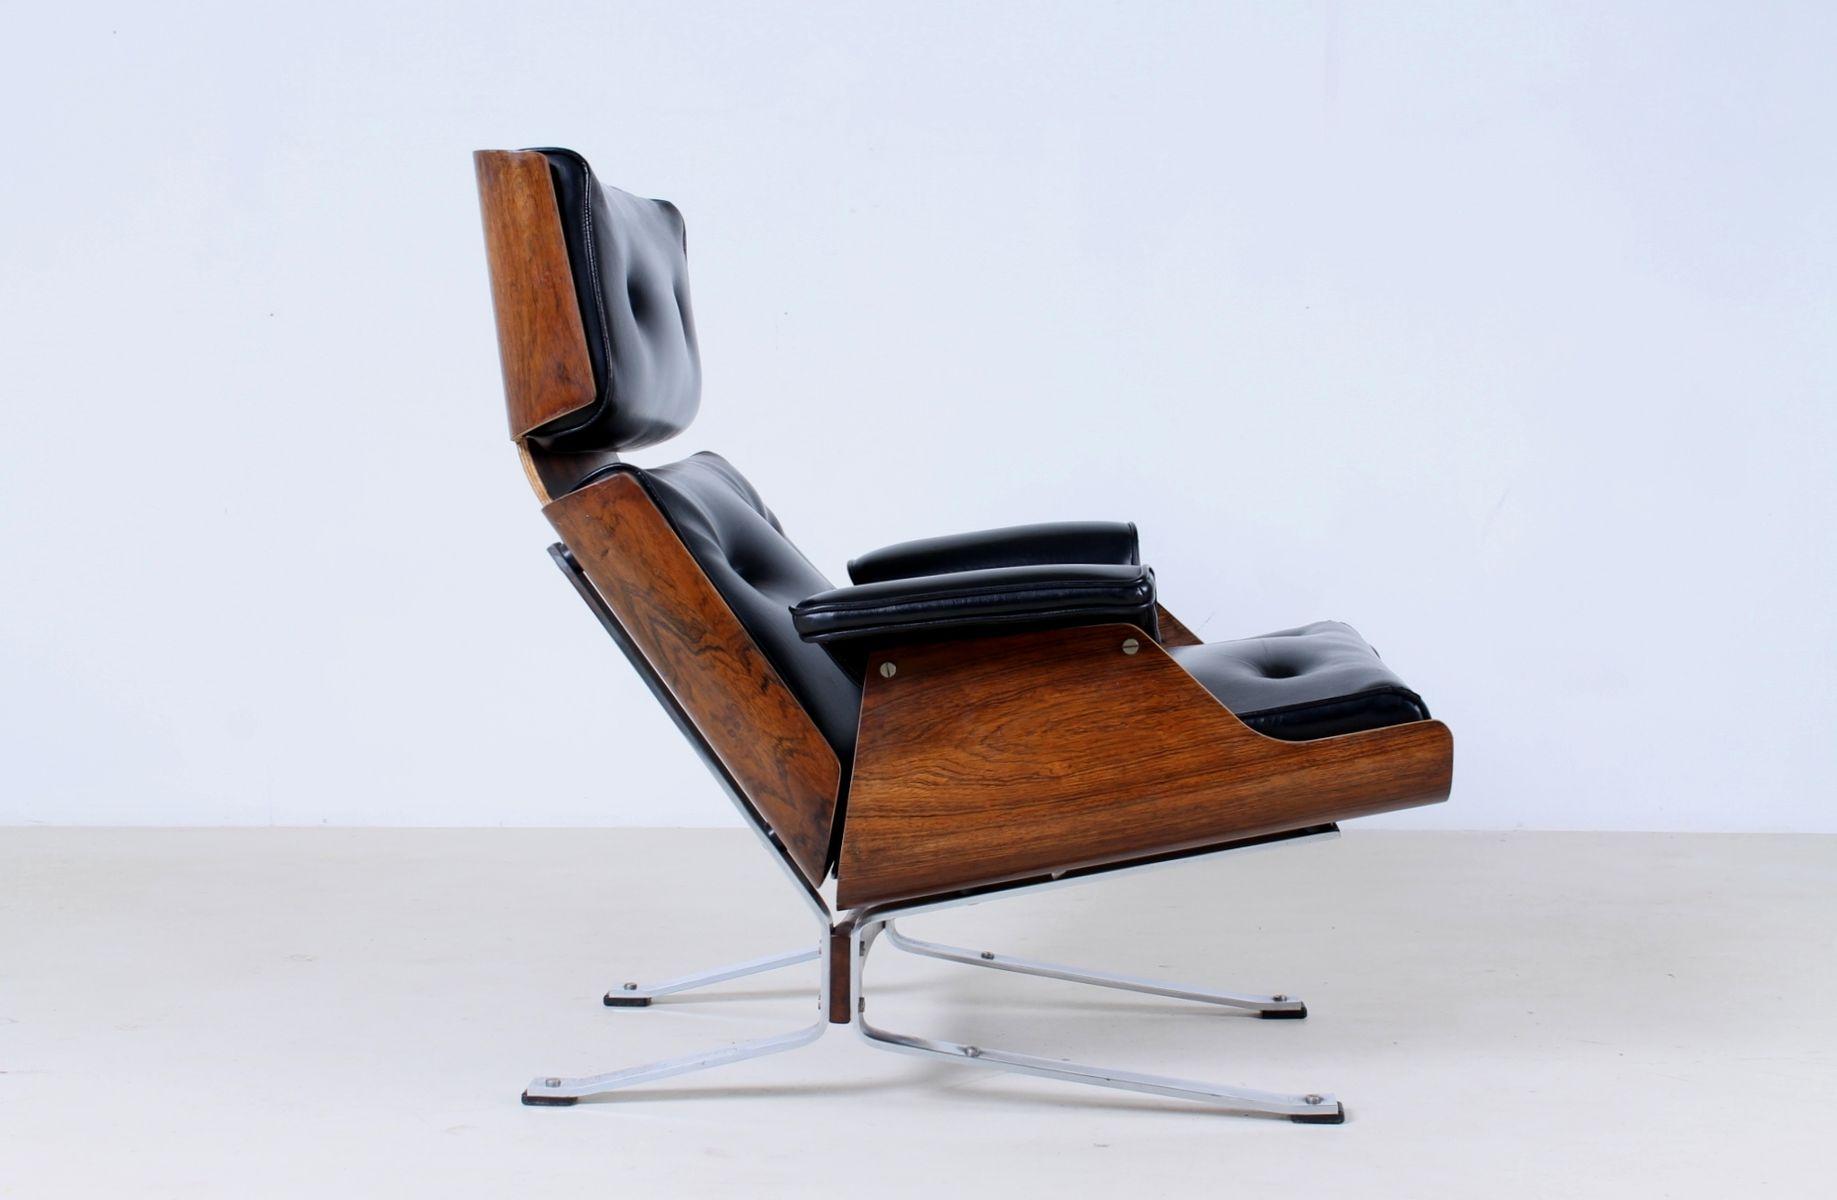 fauteuil en ska noir et palissandre 1960s en vente sur pamono. Black Bedroom Furniture Sets. Home Design Ideas